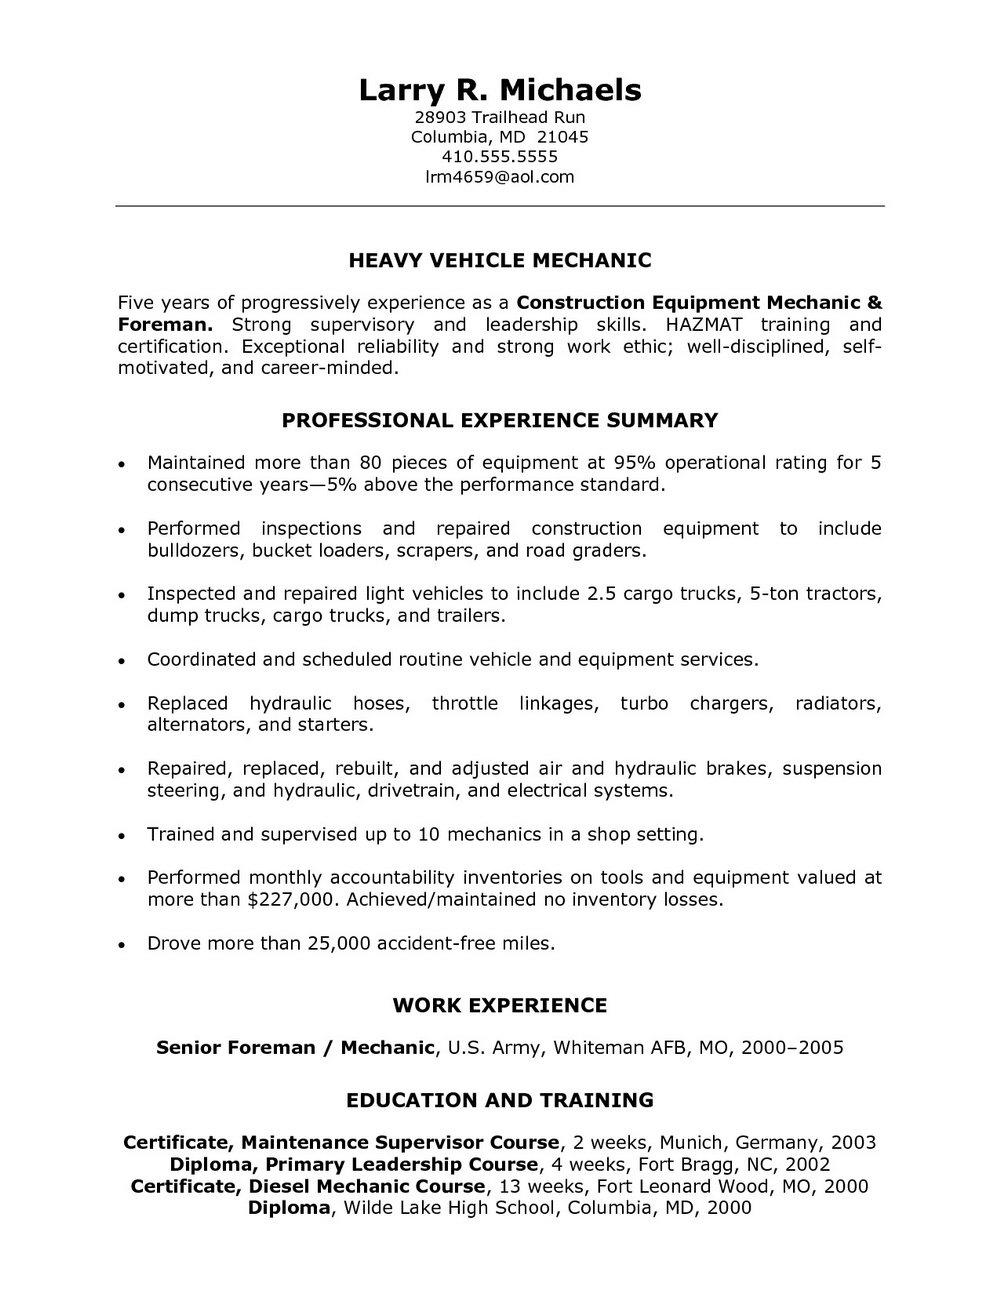 Resume For Registered Nurse In Australia